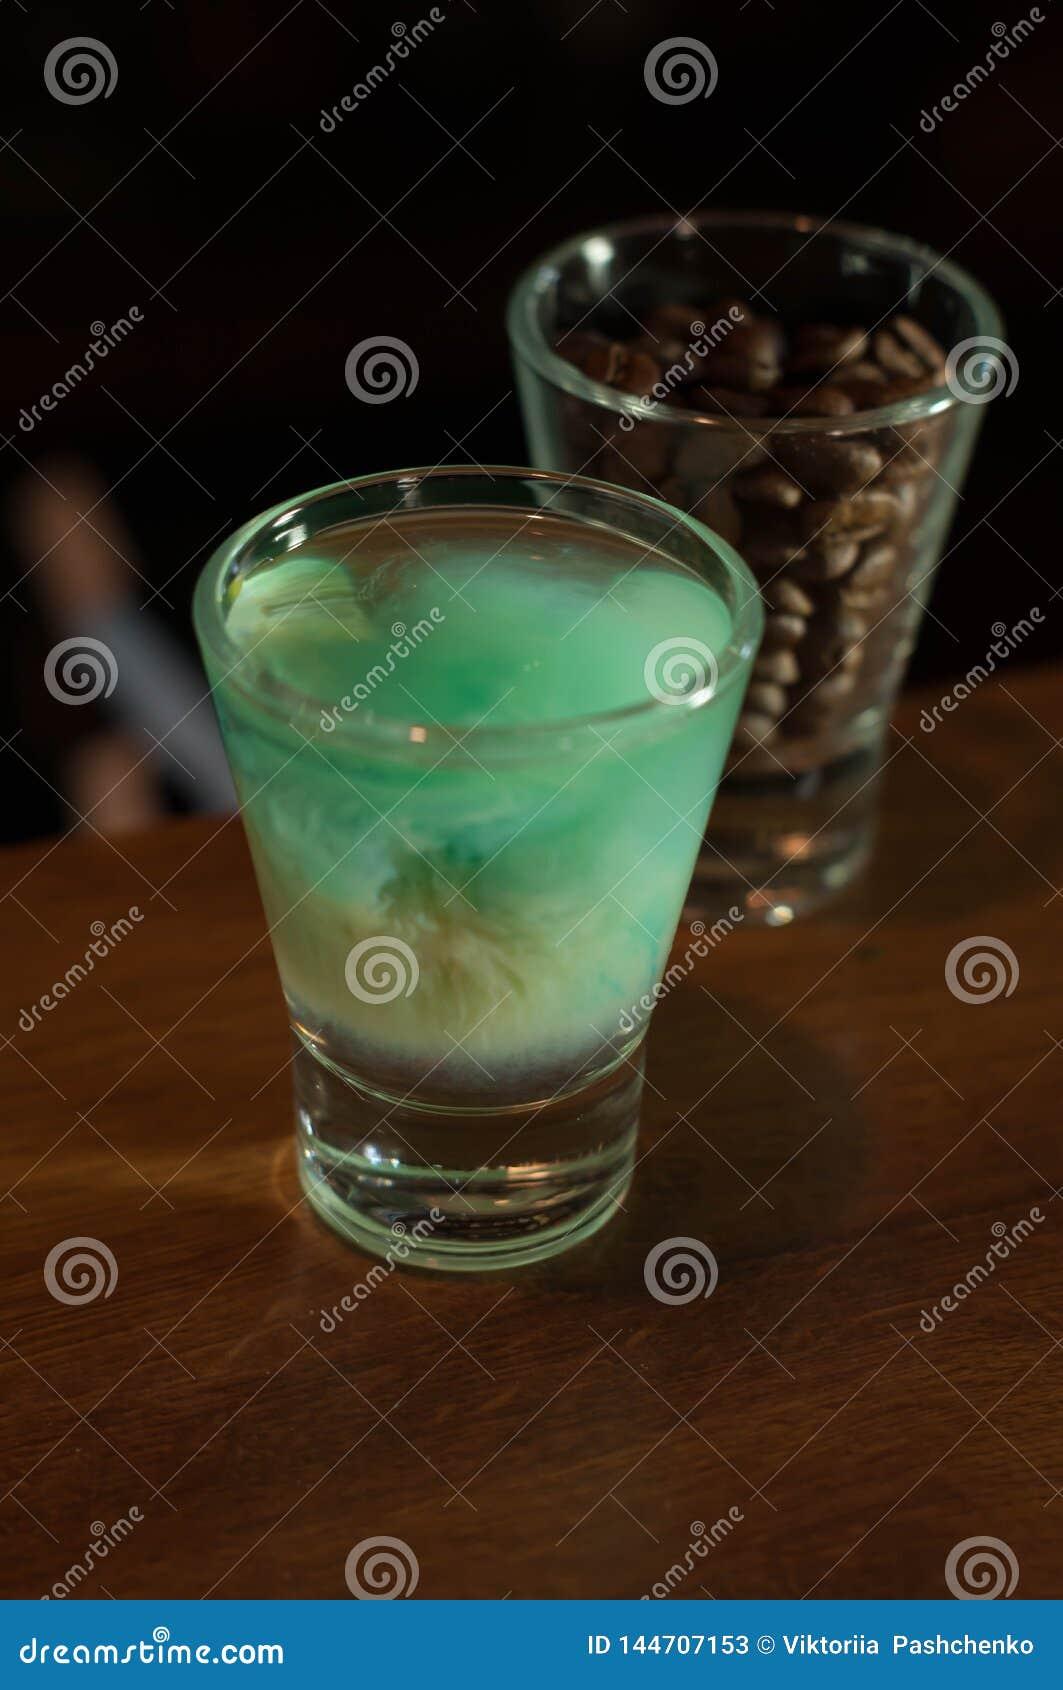 Стопка с голубым напитком алкоголя около стекла с кофейными зернами